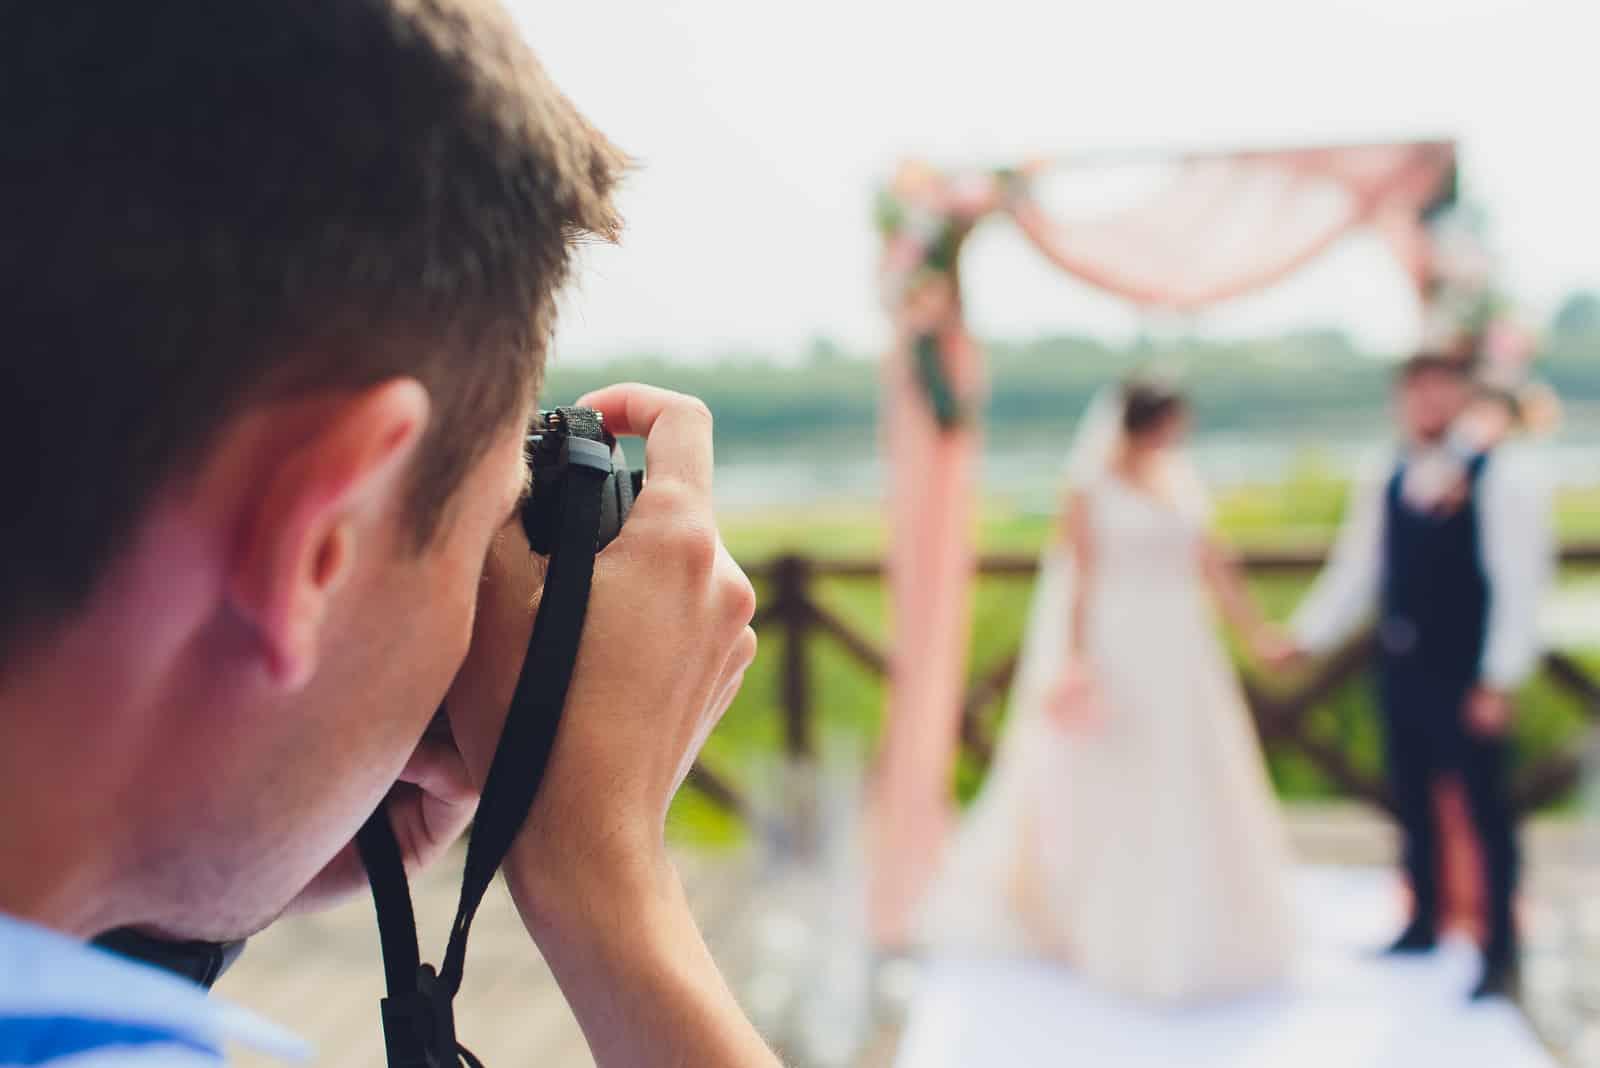 Der Fotograf fotografiert die Hochzeit des Brautpaares